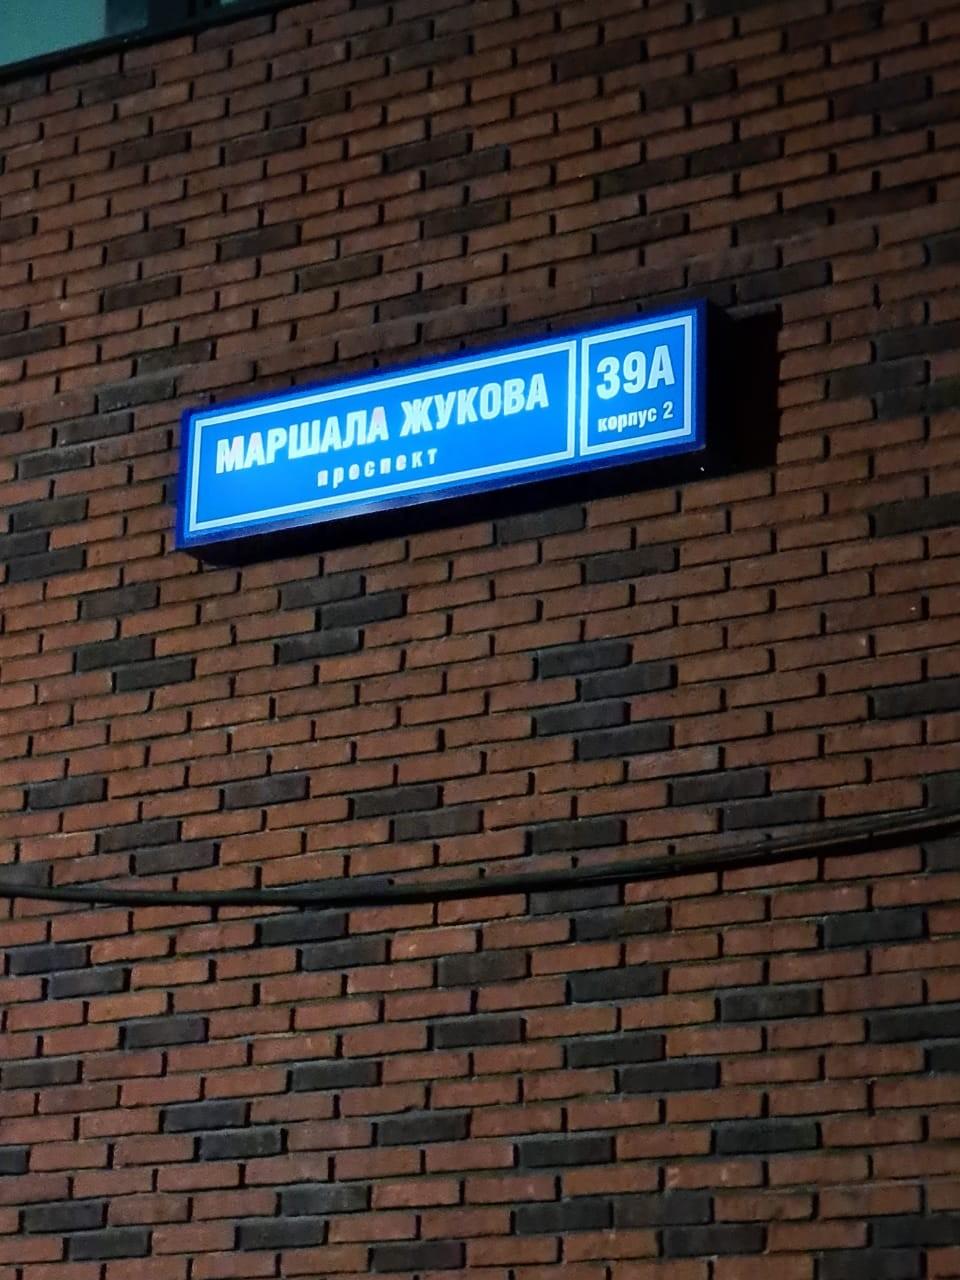 Продажа 1-комнатной квартиры, Москва, Жукова маршала просп,  39Акорп.2